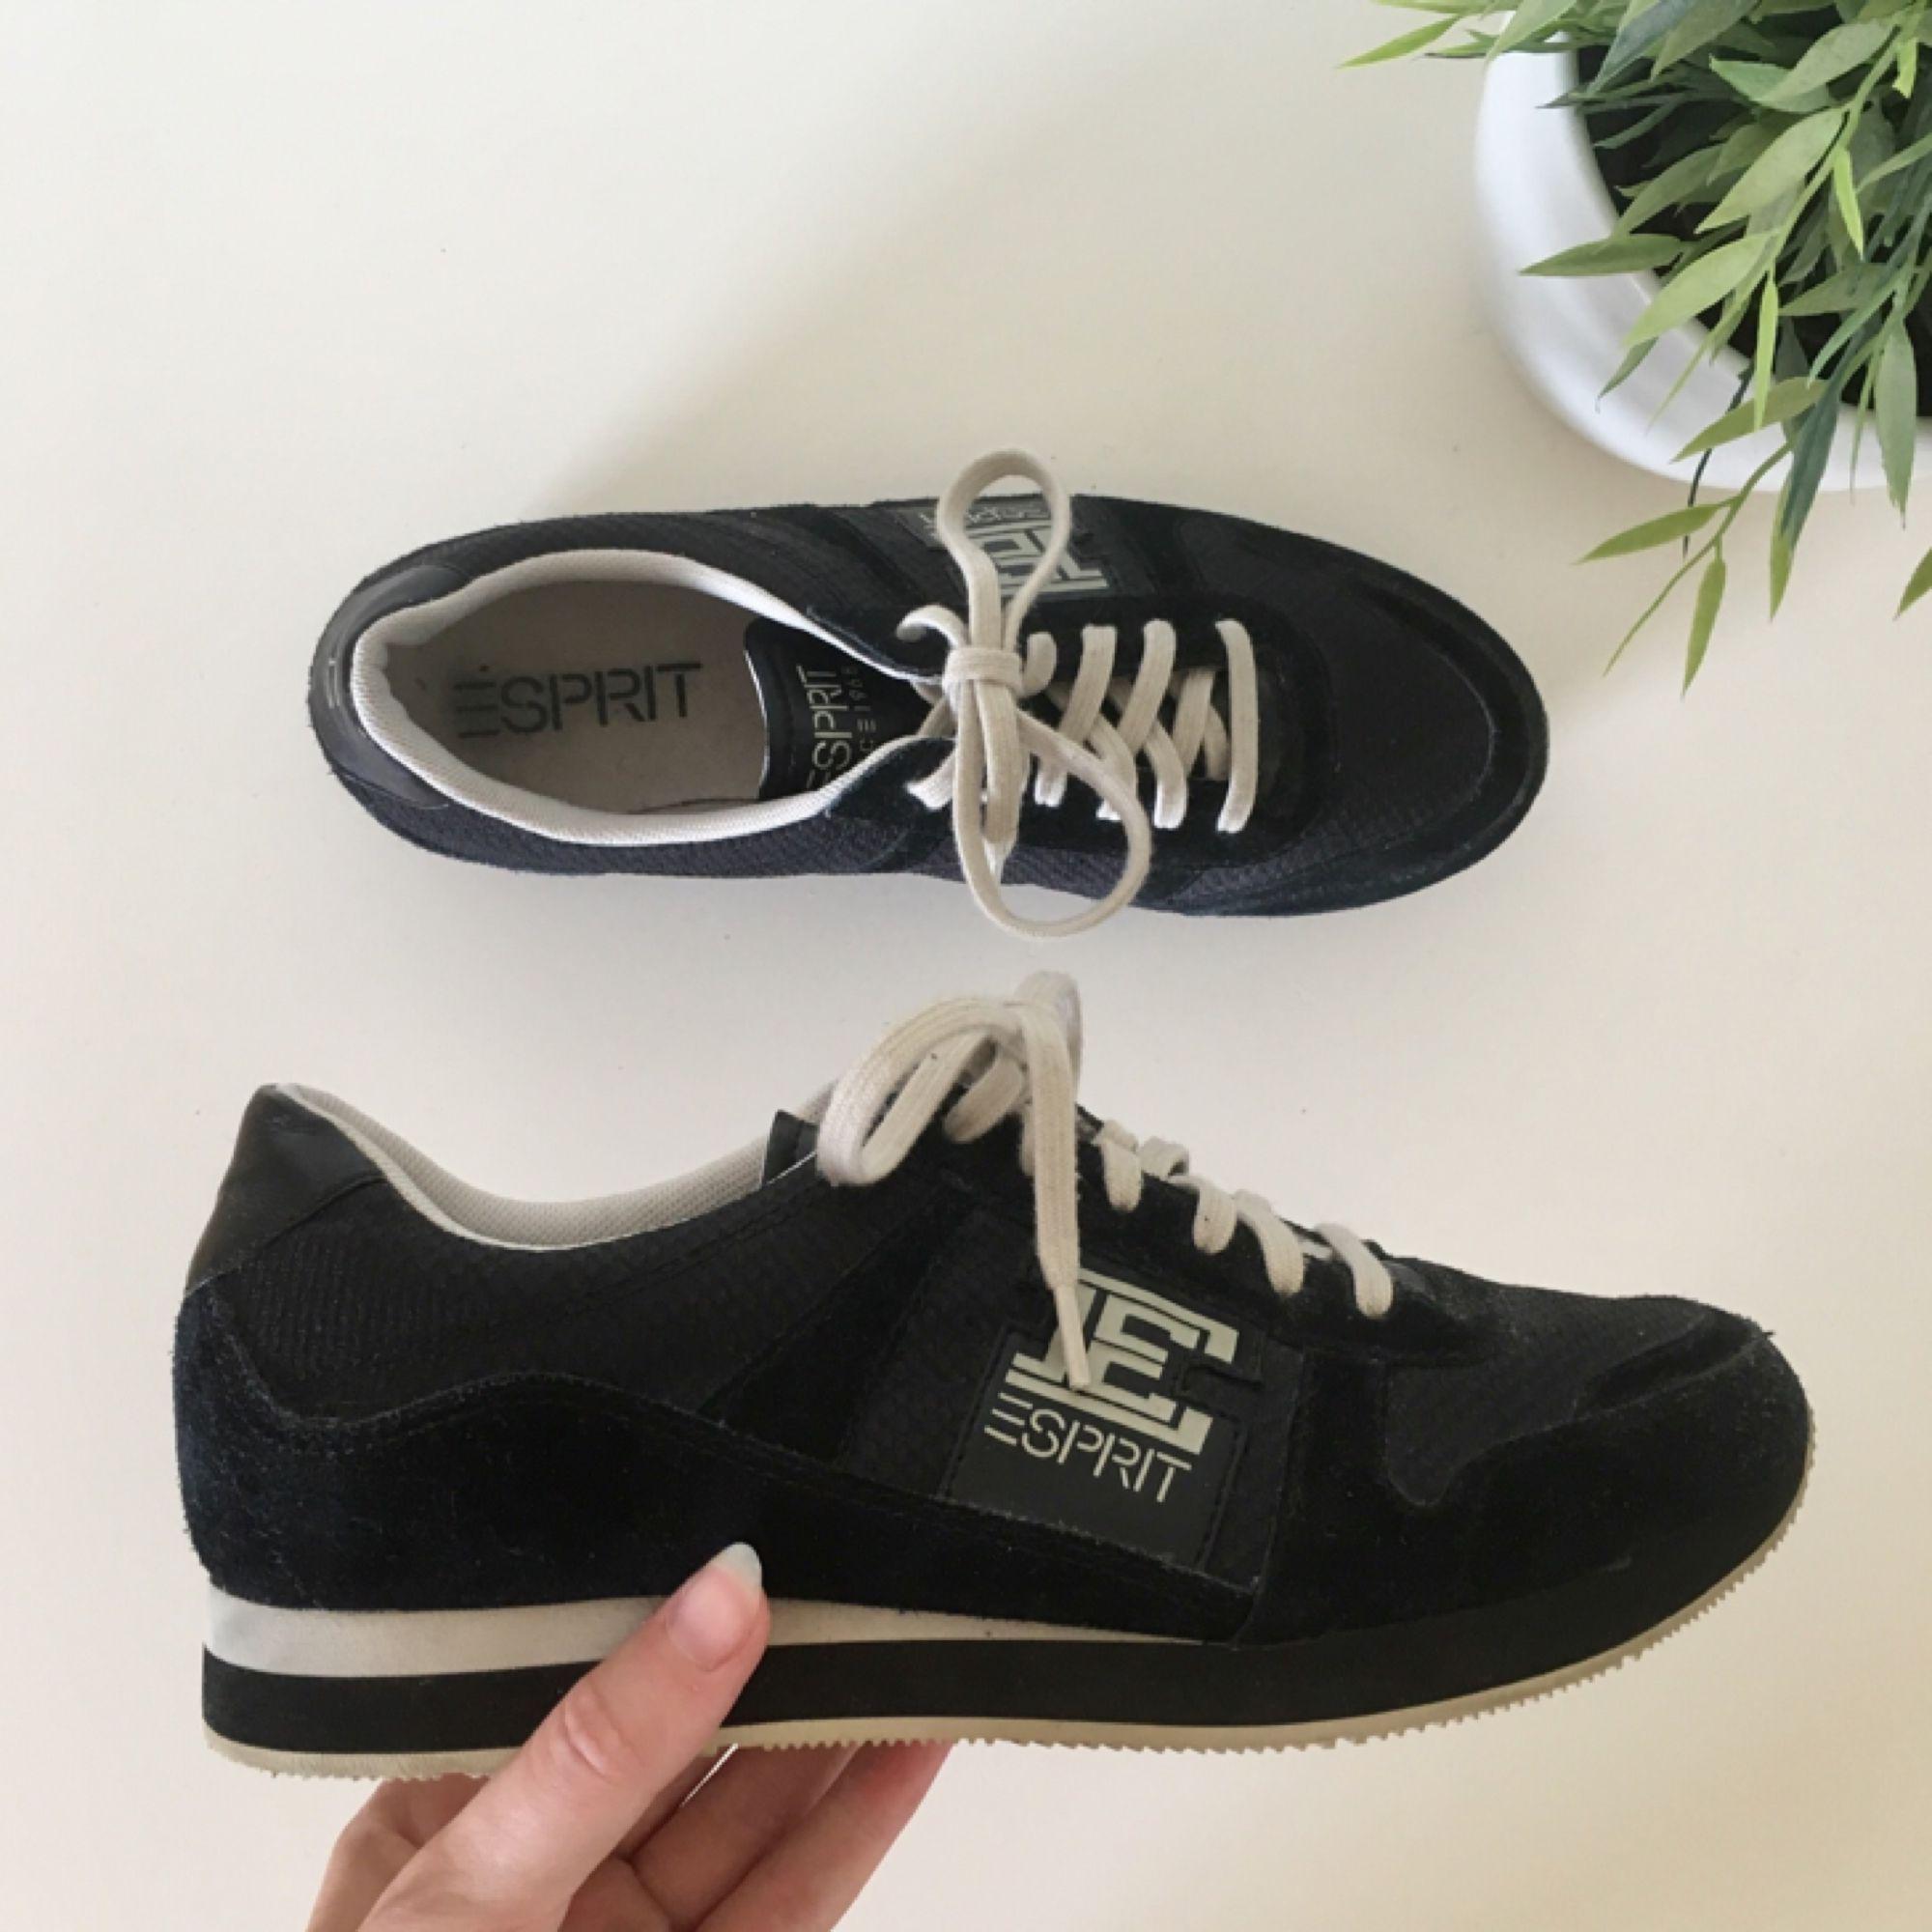 Helt nya skor från Esprit. Tycker själv de är väldigt snygga men de har aldrig kommit till användning då jag har flera liknande ~ frakt 70kr. Skor.